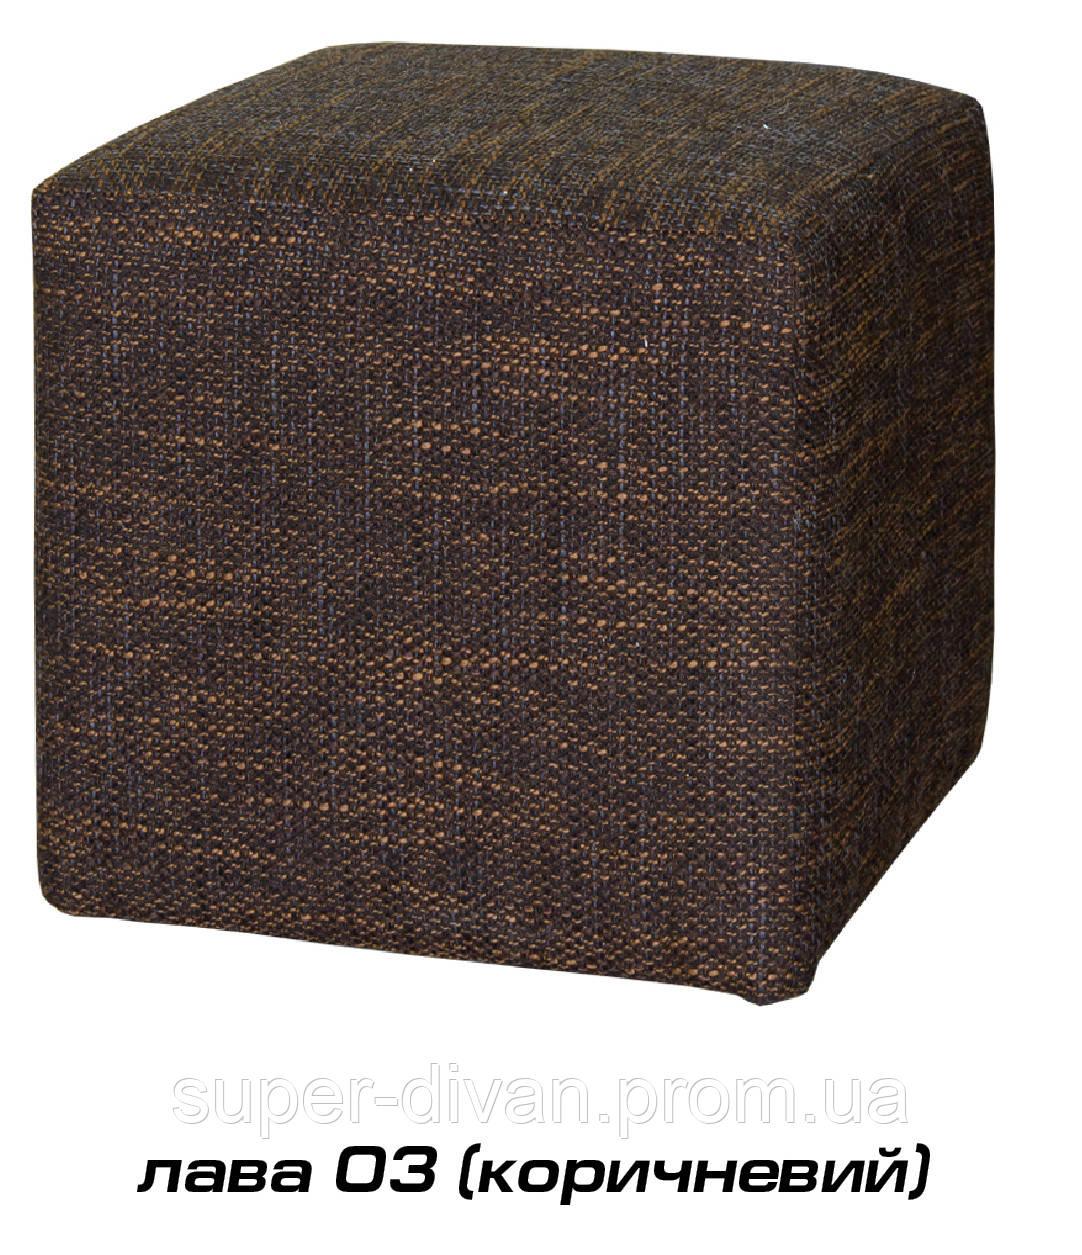 Пуфик Лава 03 (коричневый)